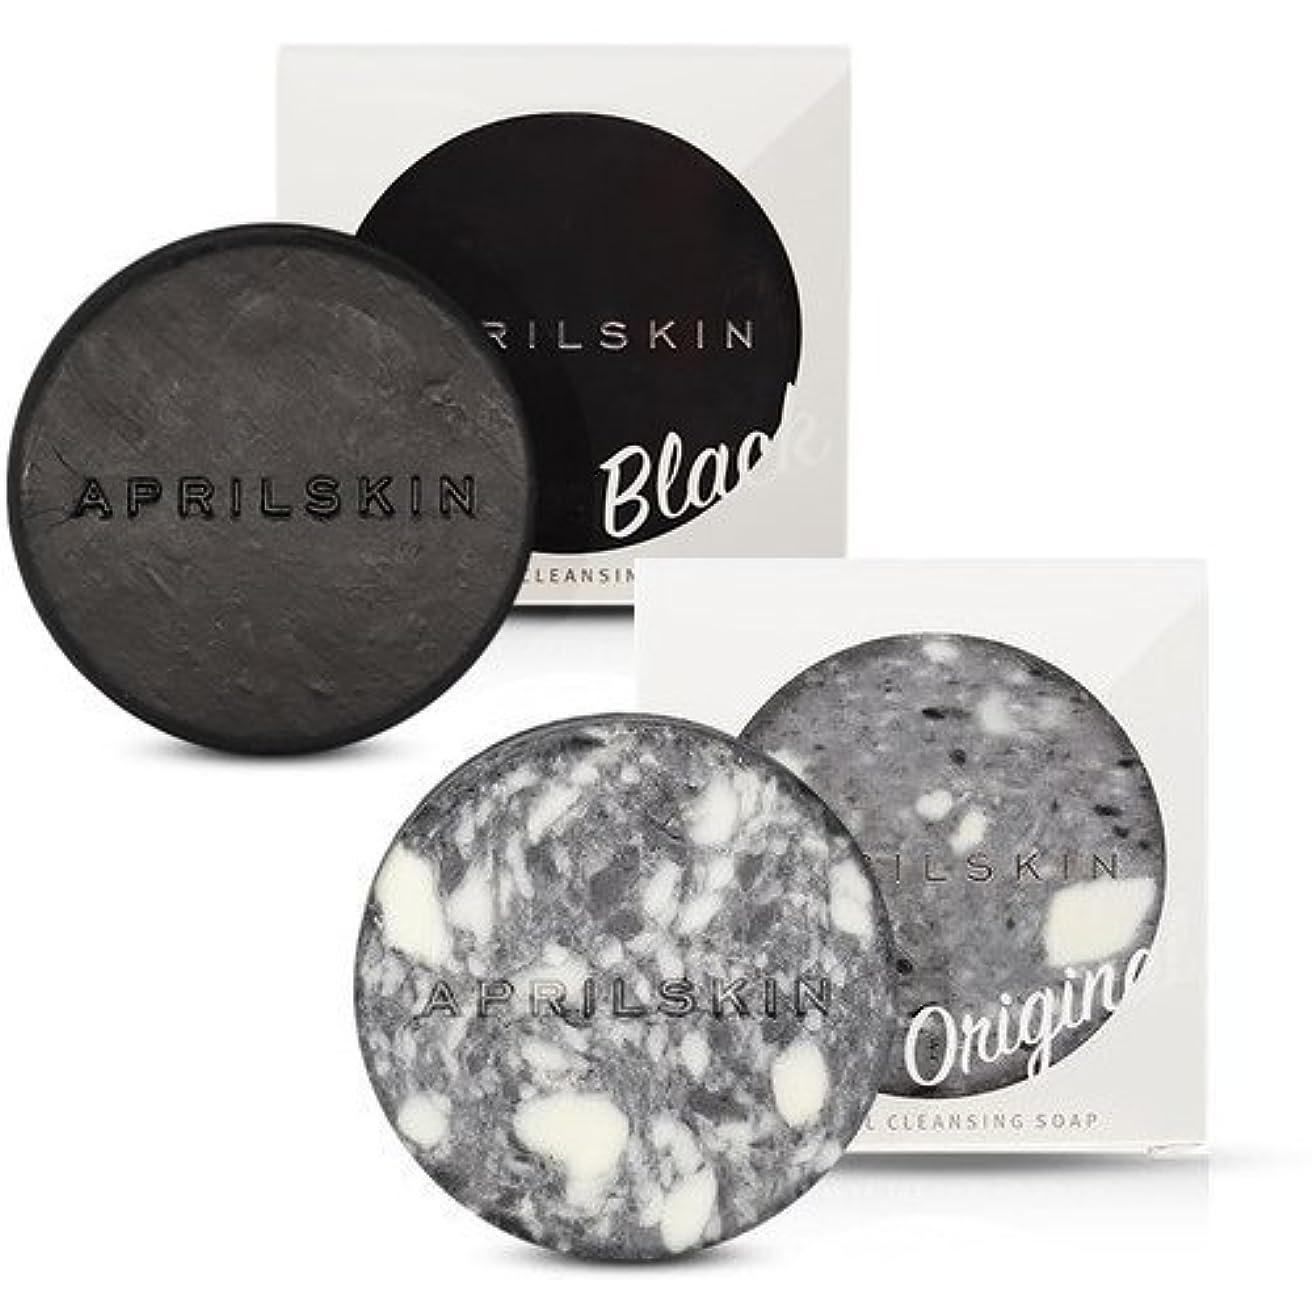 ガロンロック火傷[1+1][APRILSKIN] エイプリルスキン国民石鹸 (APRIL SKIN マジックストーンのリニューアルバージョン新発売) (ORIGINAL+BLACK) [並行輸入品]